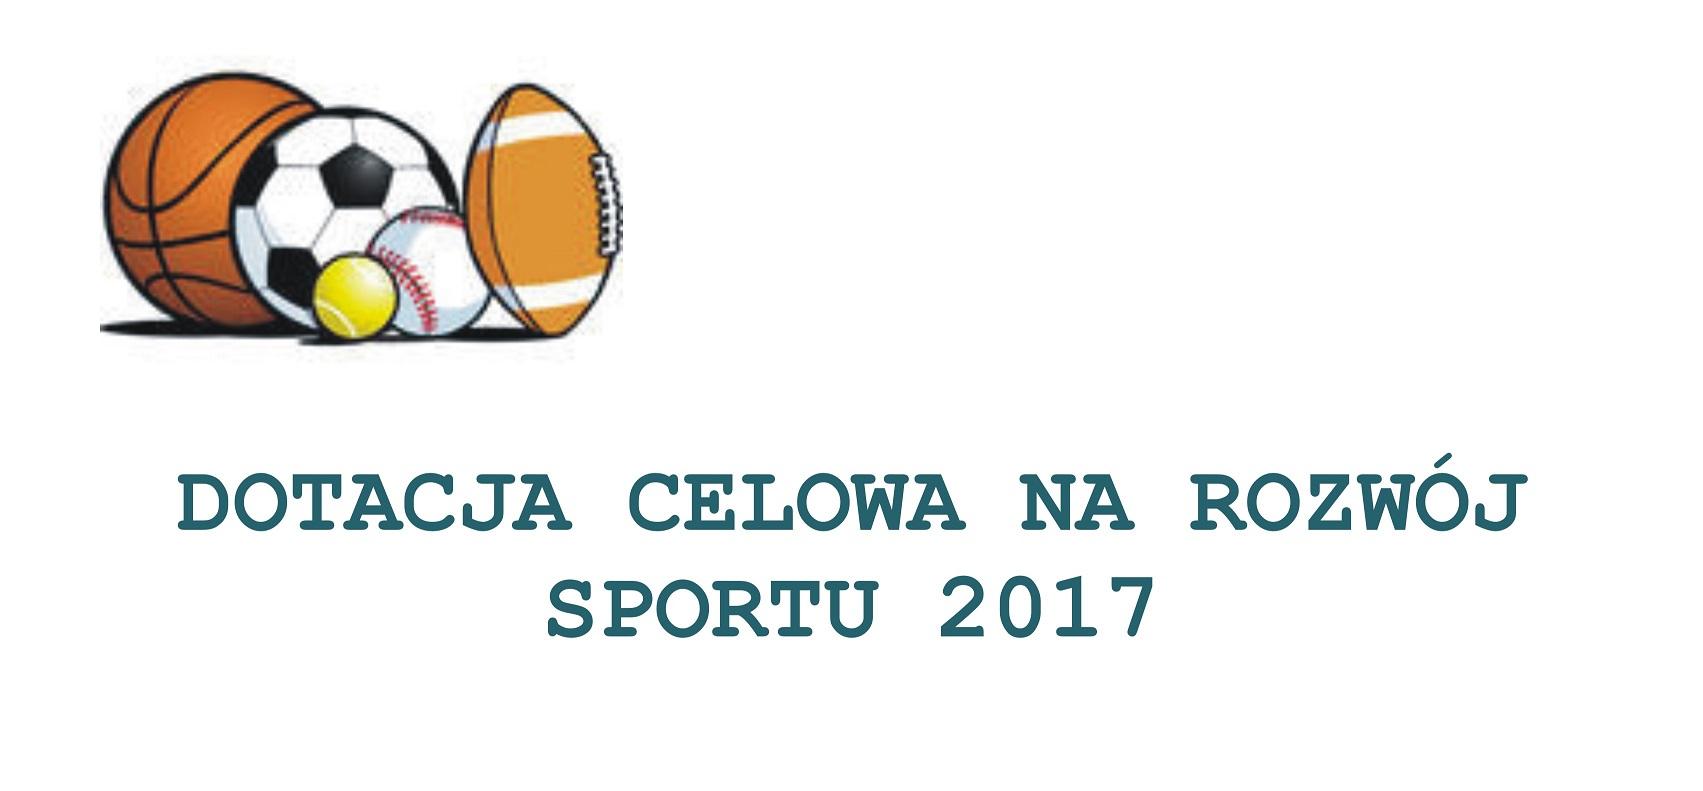 - baner_sport_dotacja2017.jpg